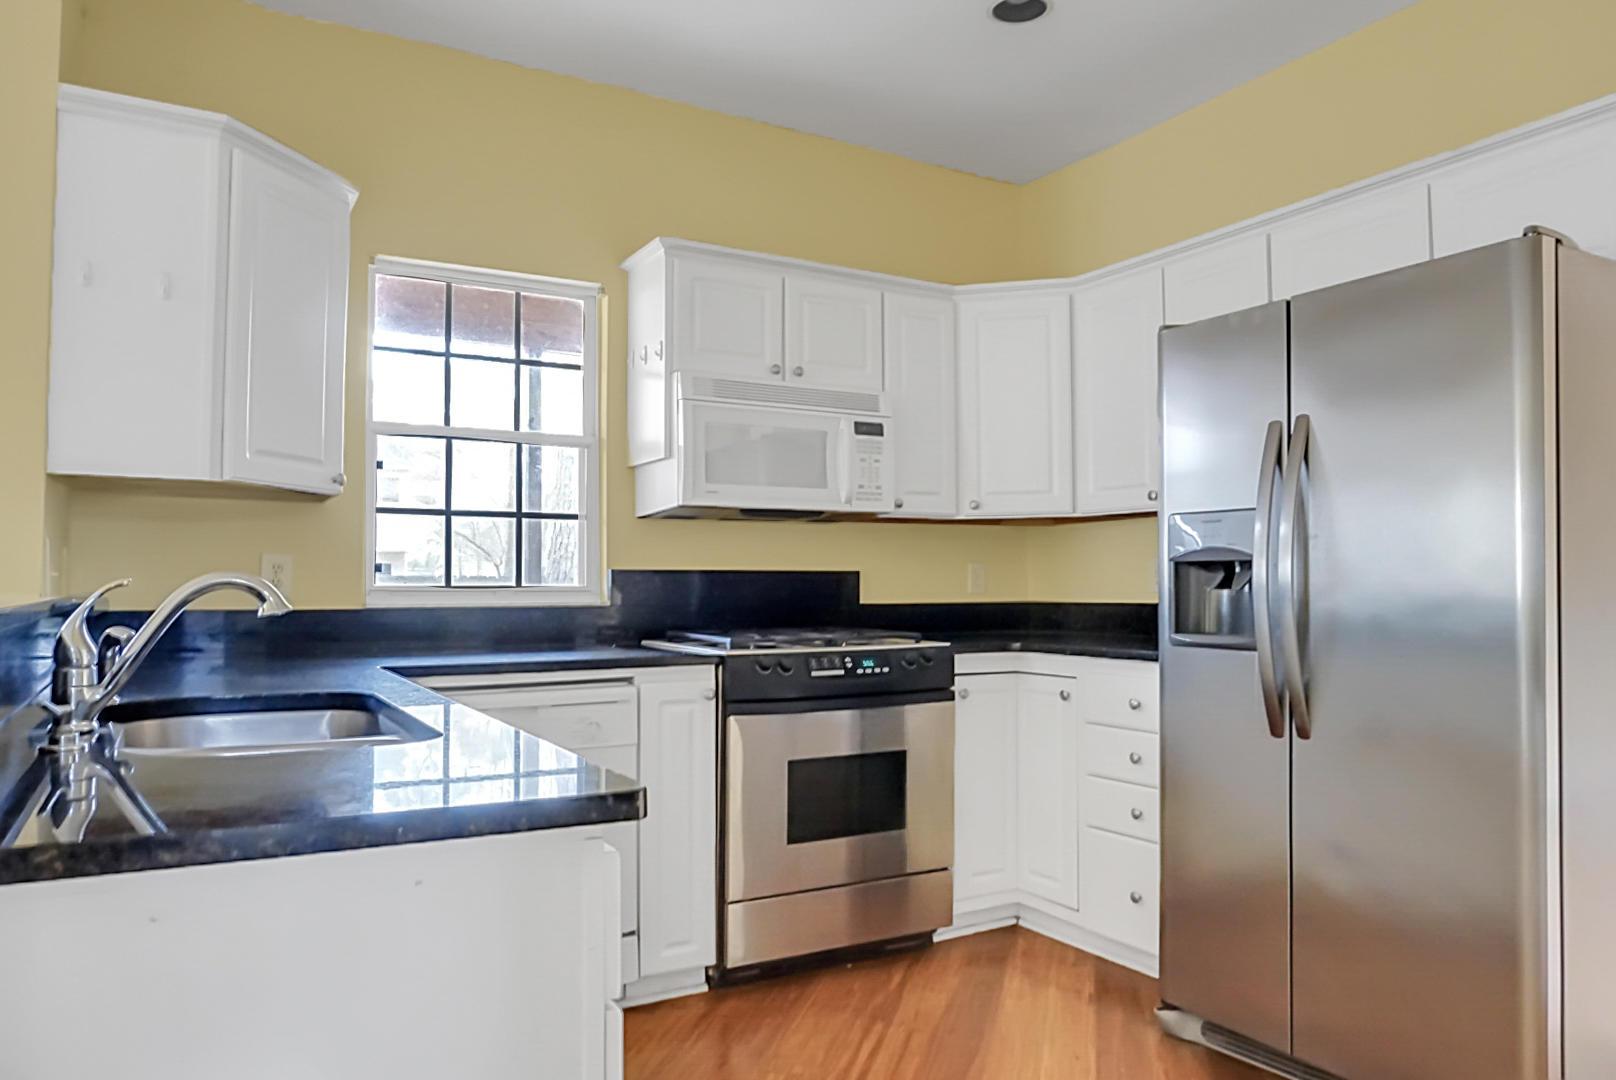 Dunes West Homes For Sale - 3209 Carmel Bay, Mount Pleasant, SC - 23